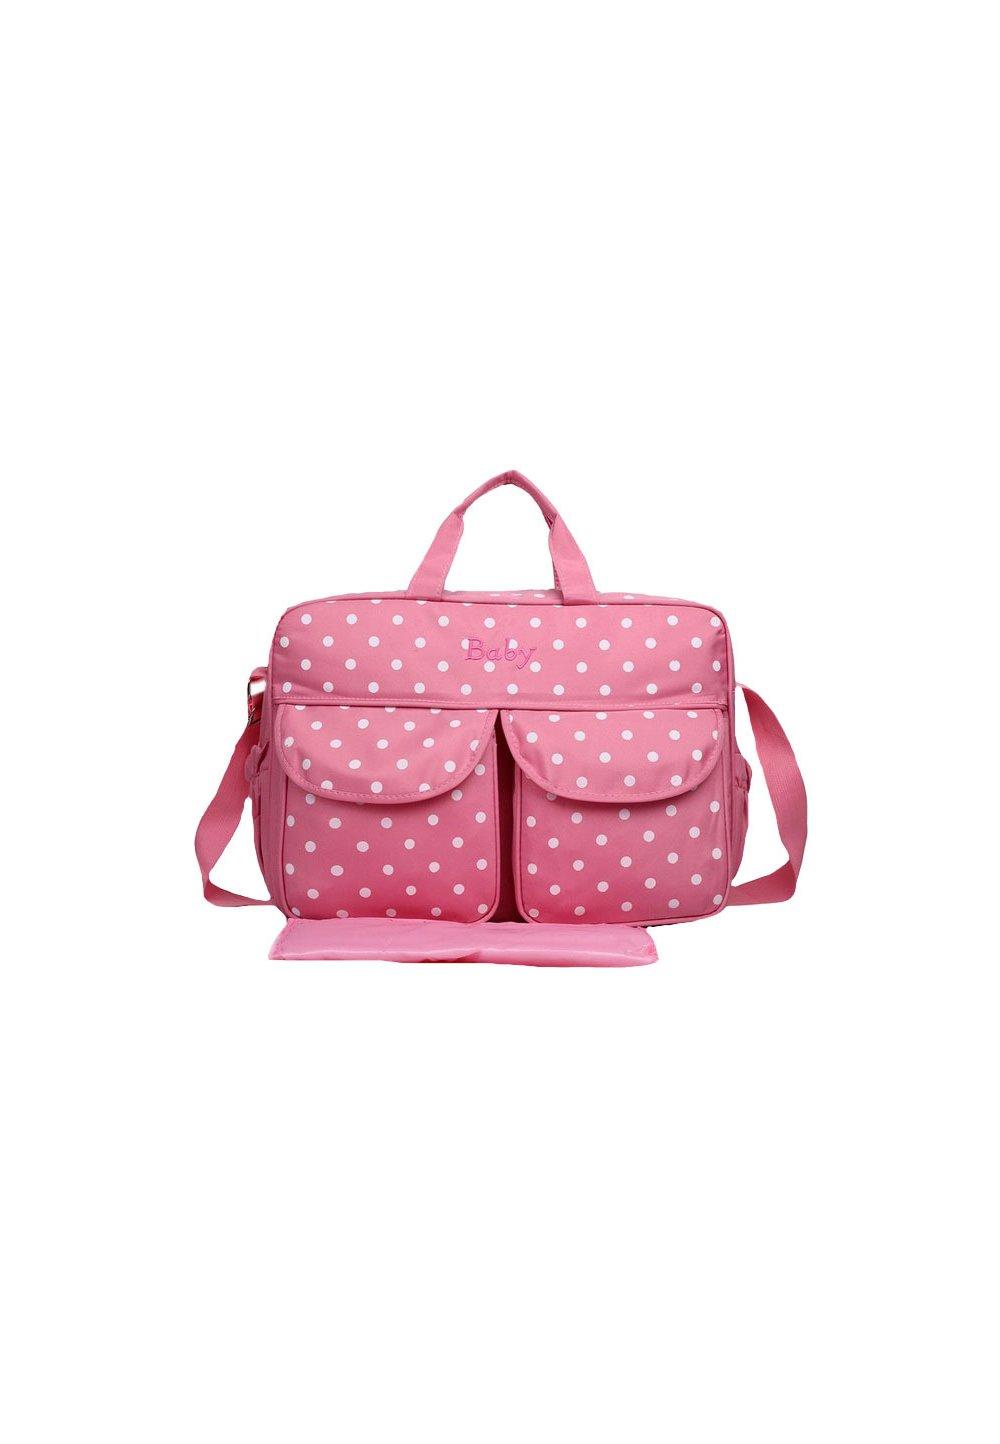 Geanta mamici, Baby, roz cu buline imagine